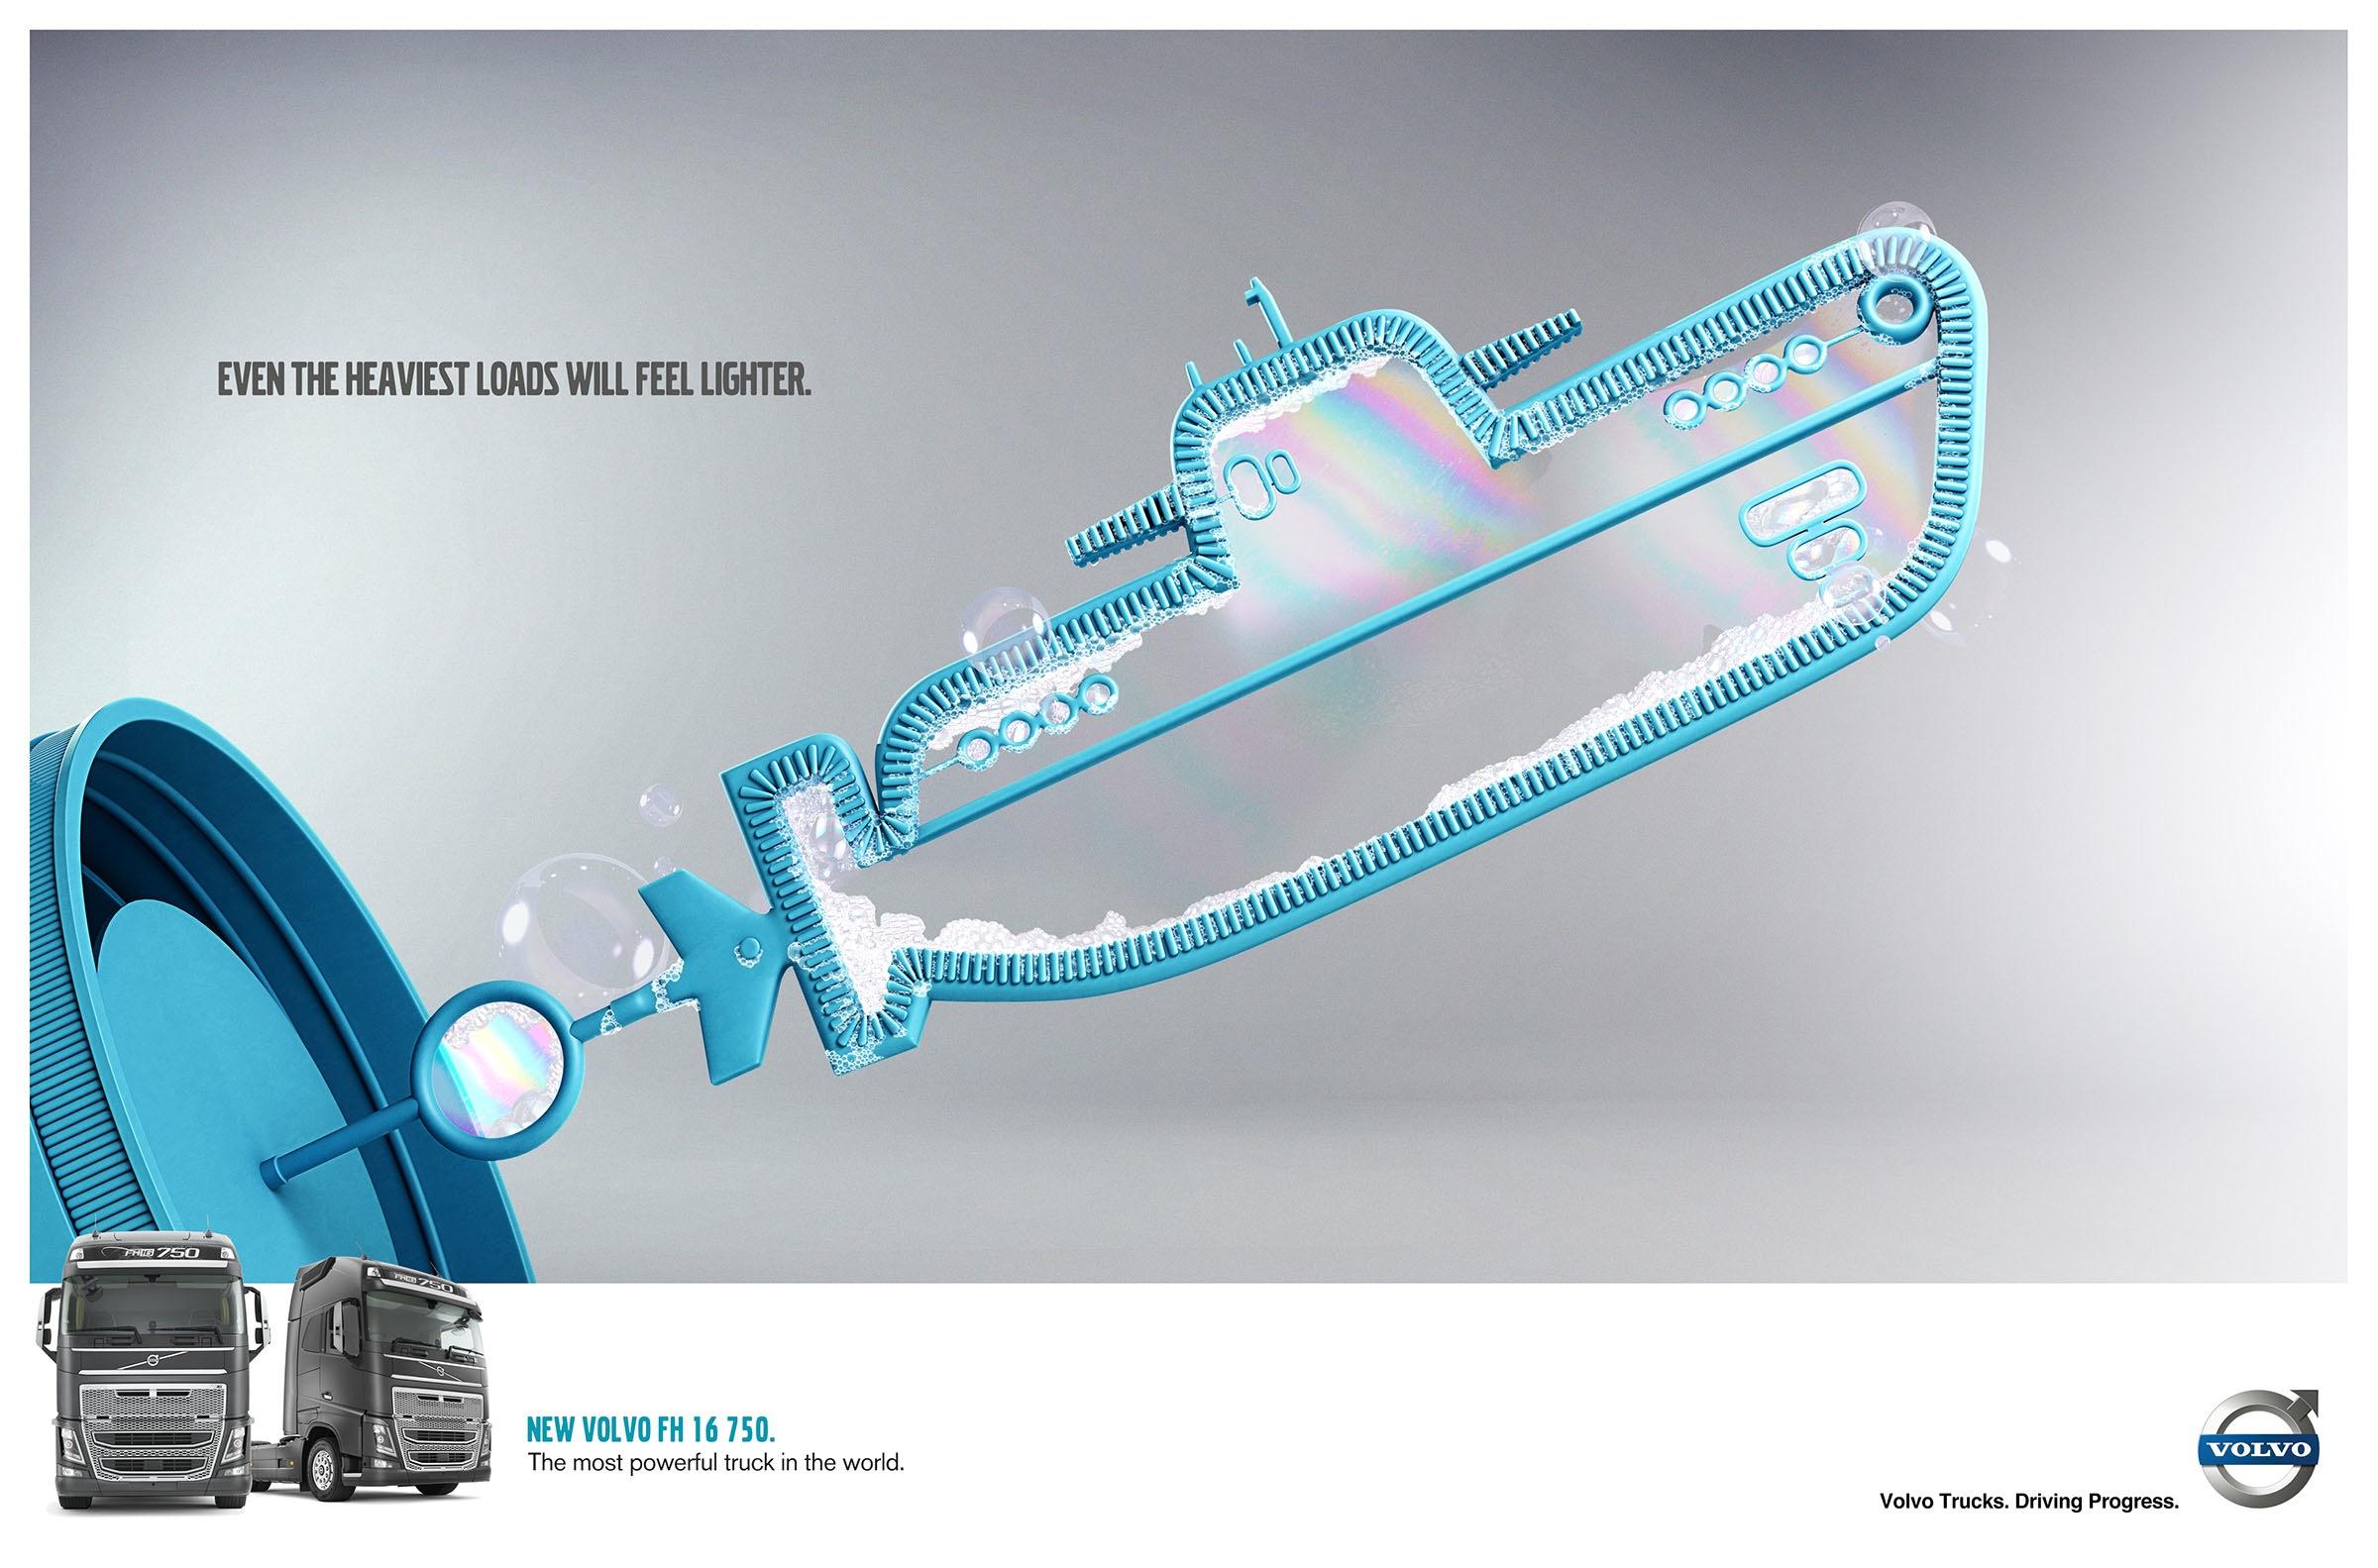 沃尔沃卡车创意广告_沃尔沃汽车平面广告设计-中国设计在线